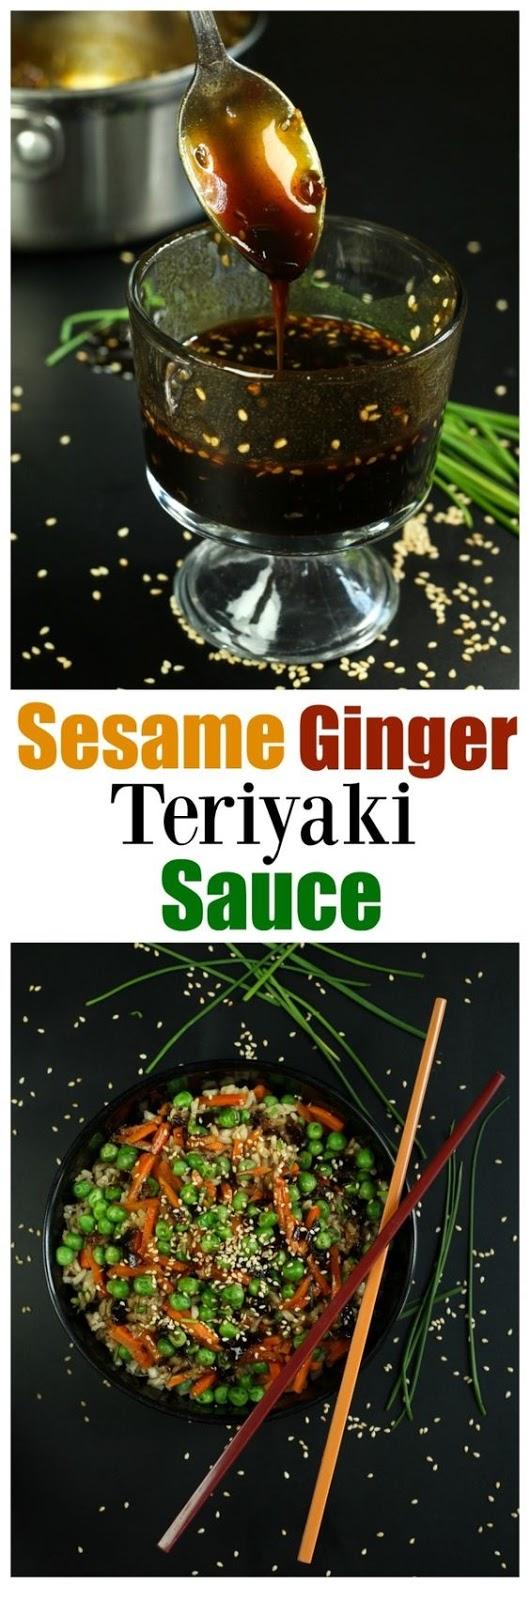 Sesame Ginger Teriyaki Sauce